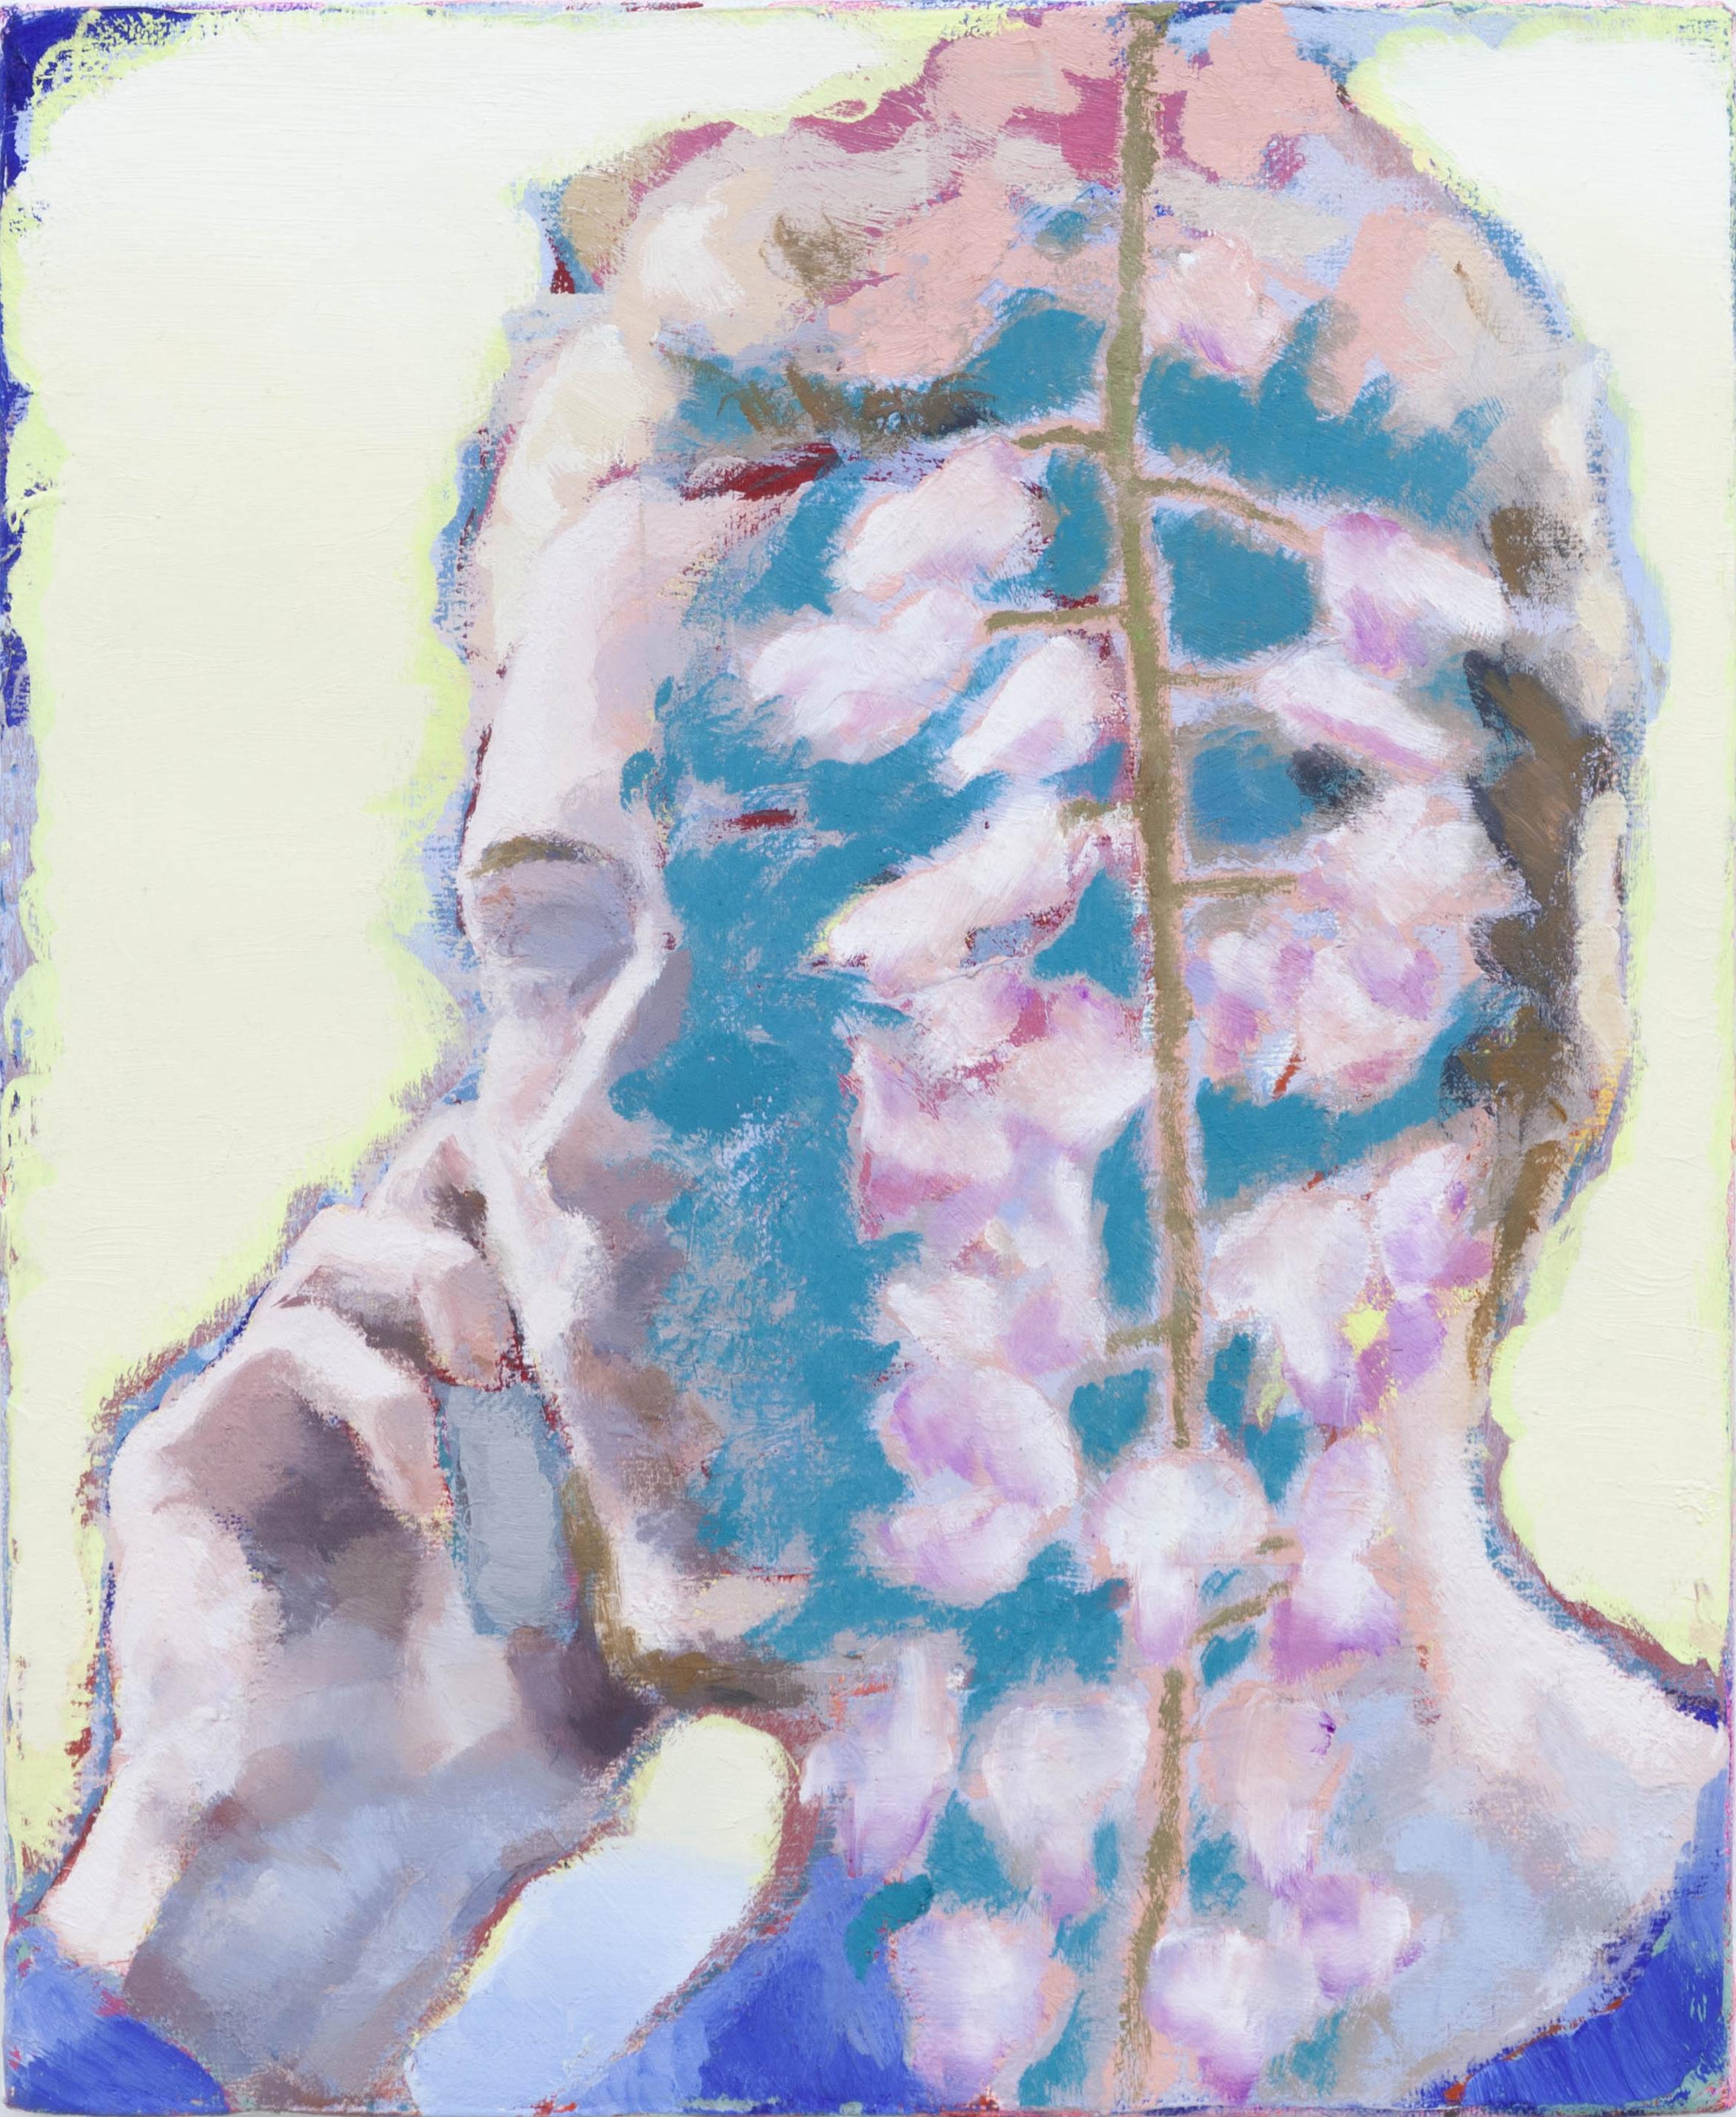 Ta voix dans les glycines I, 2020, huile sur toile, 27 x 22 cm_photo Julie Coulon_web_1